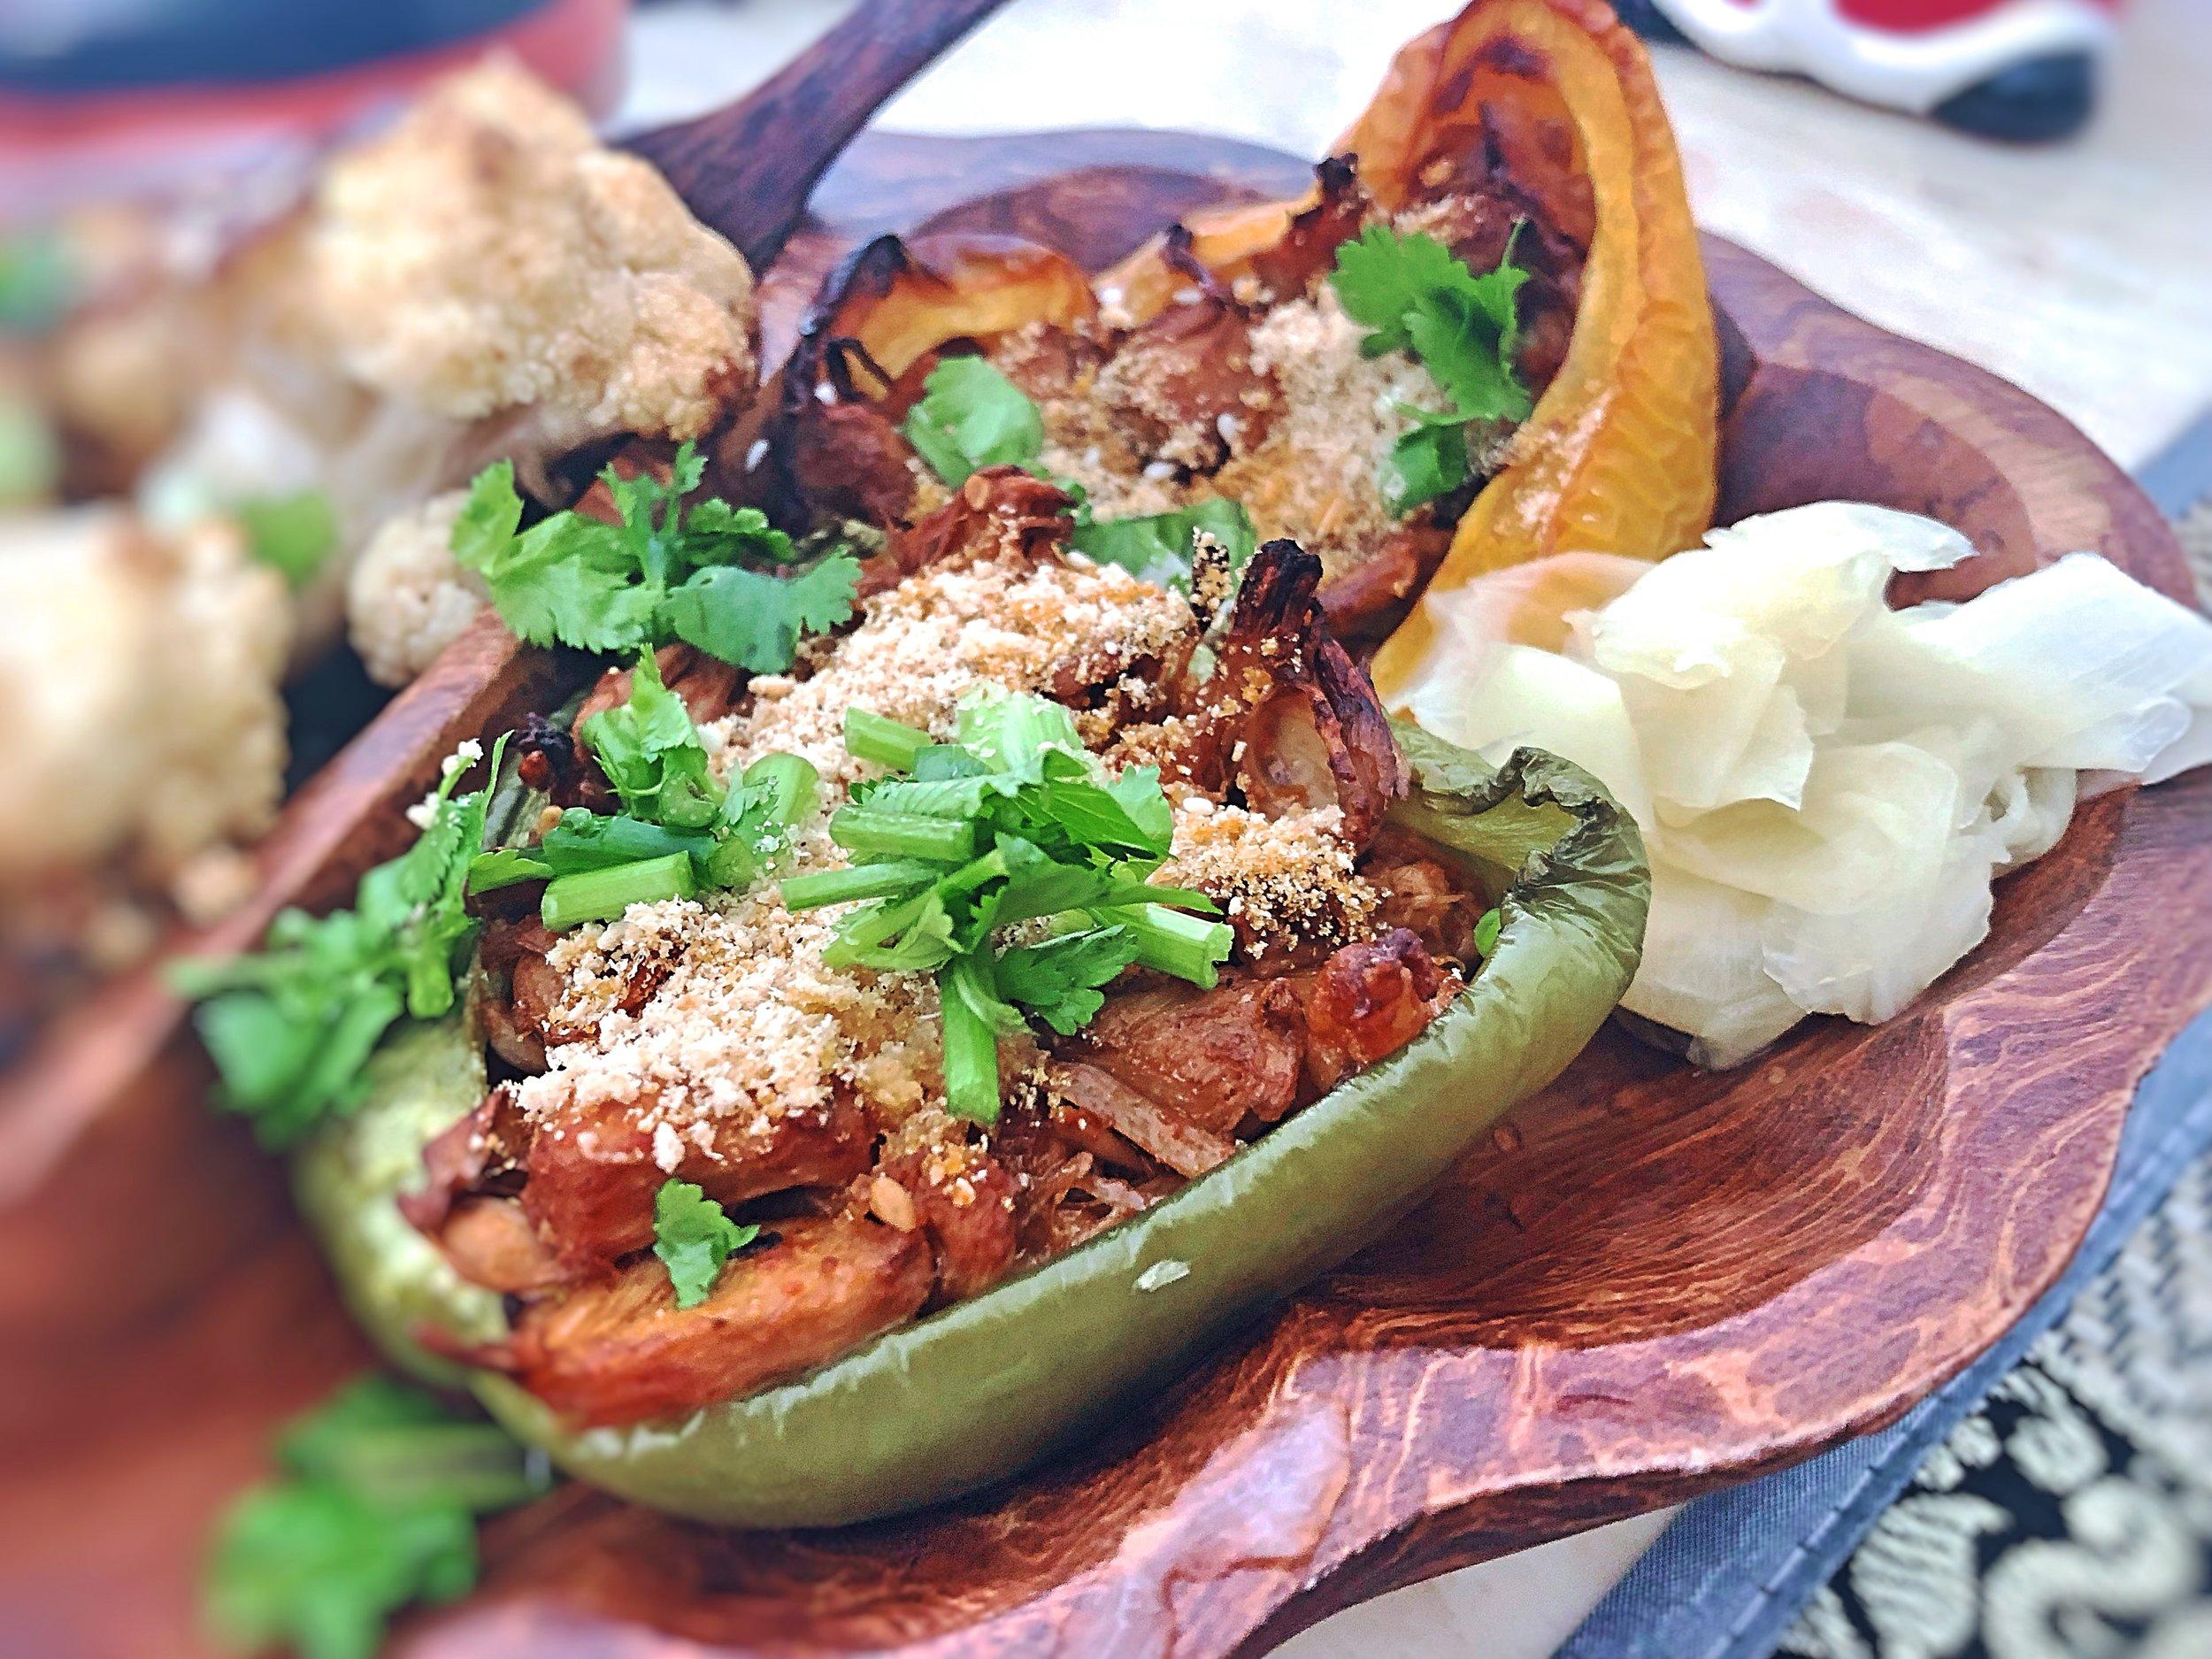 Mezze style jackfruit